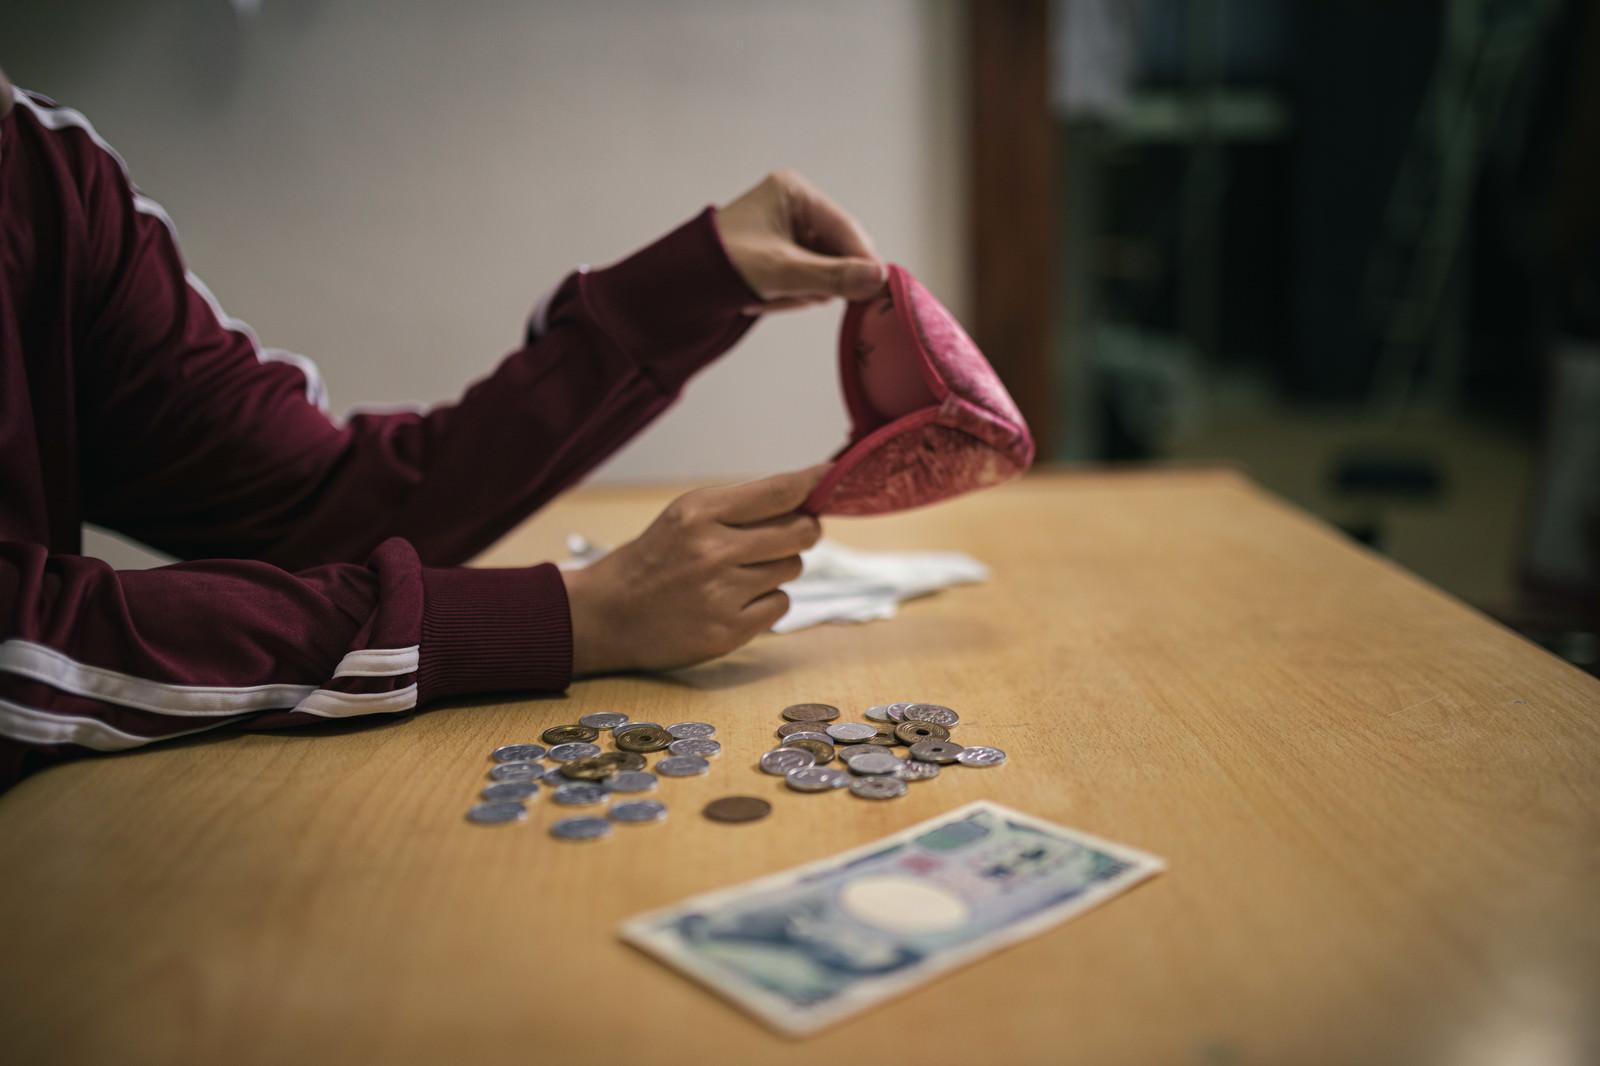 「今月の生活費はこれで全部(小銭が散らばる)」の写真[モデル:千歳]